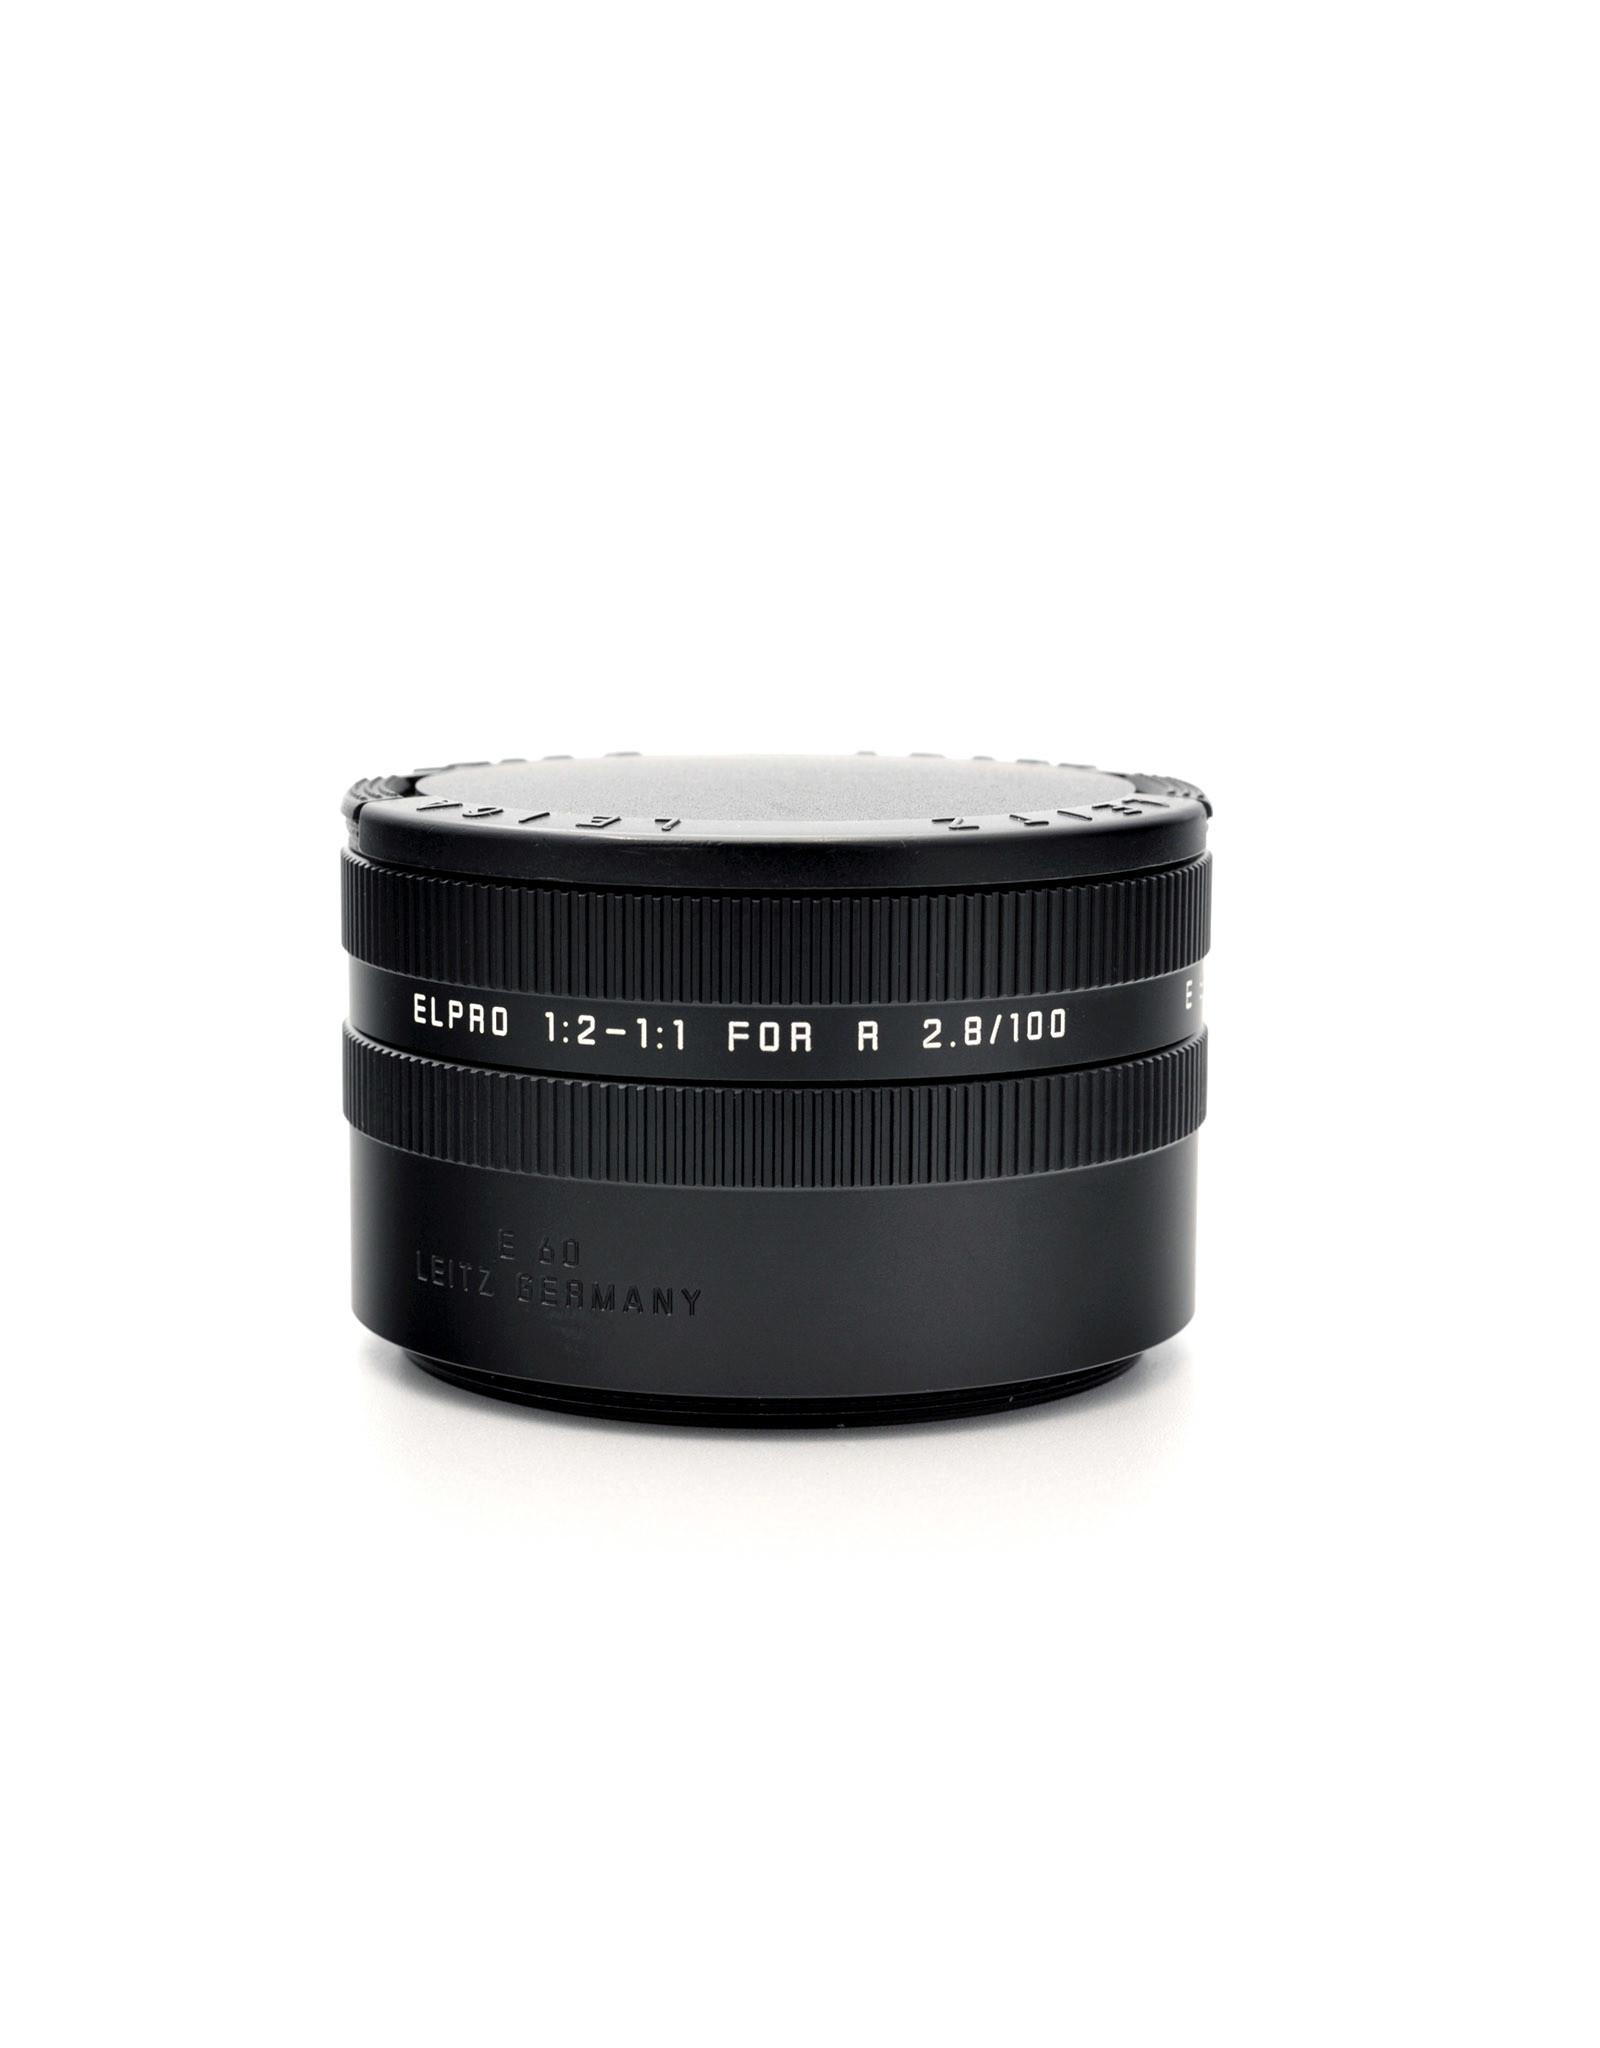 Leica Leica Elpro for Leica R 100mmm f2.8 Macro   AP1050607